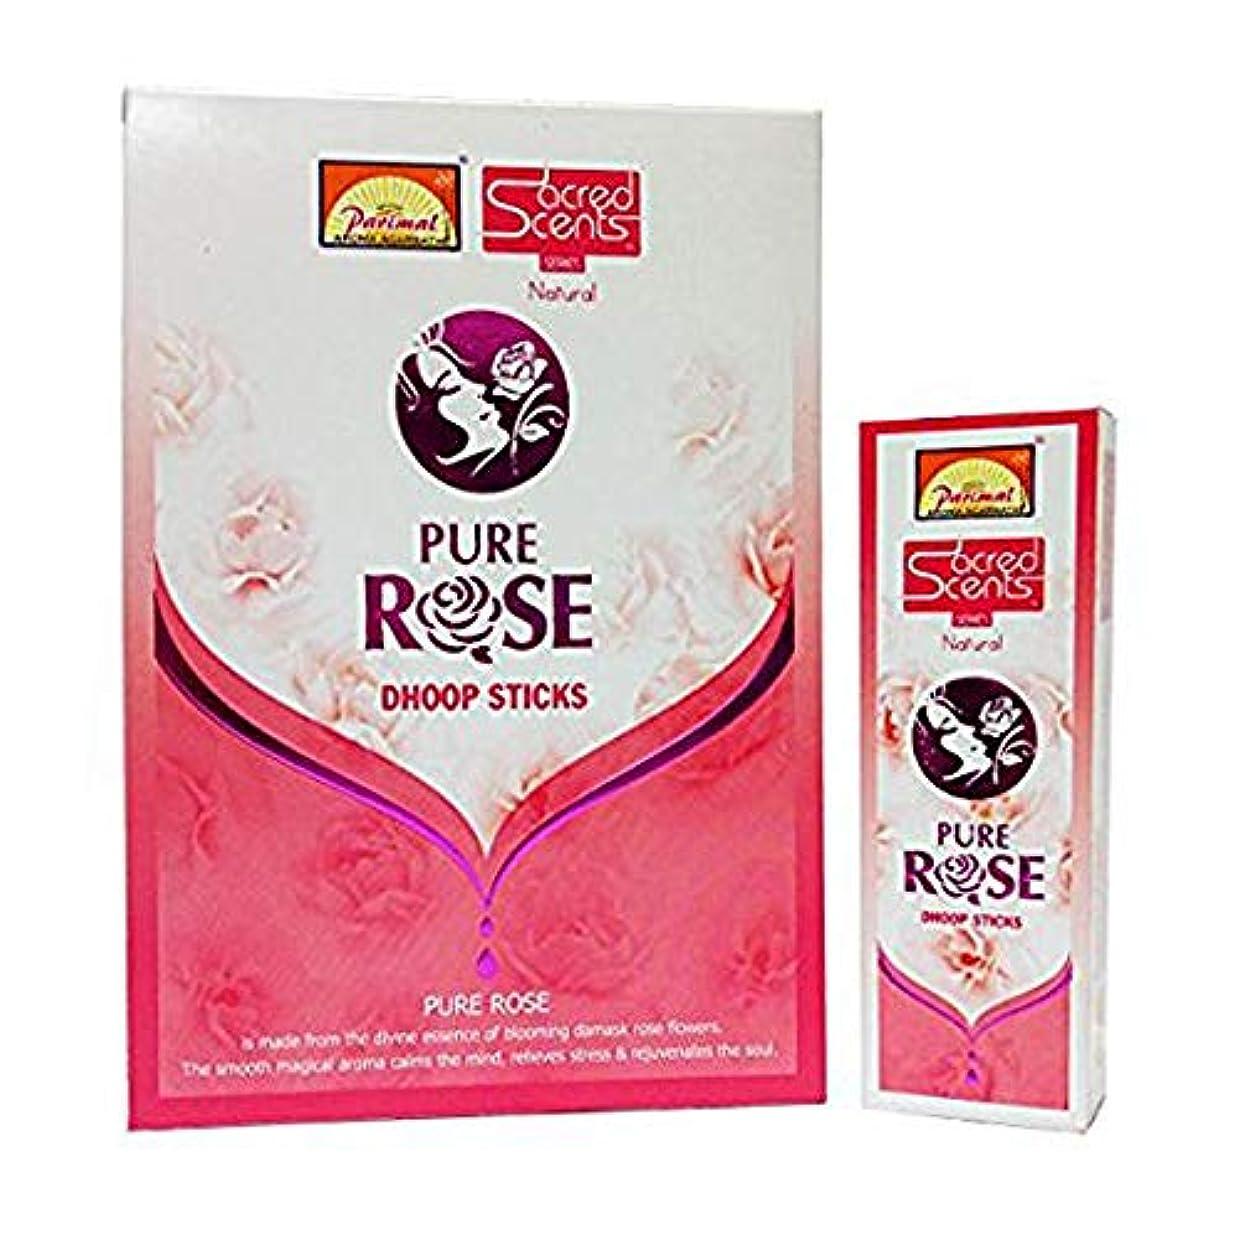 レモン薬理学歩行者Parimal Sacred Scents Pure Rose Dhoop Sticks 50グラムパック、6カウントin aボックス